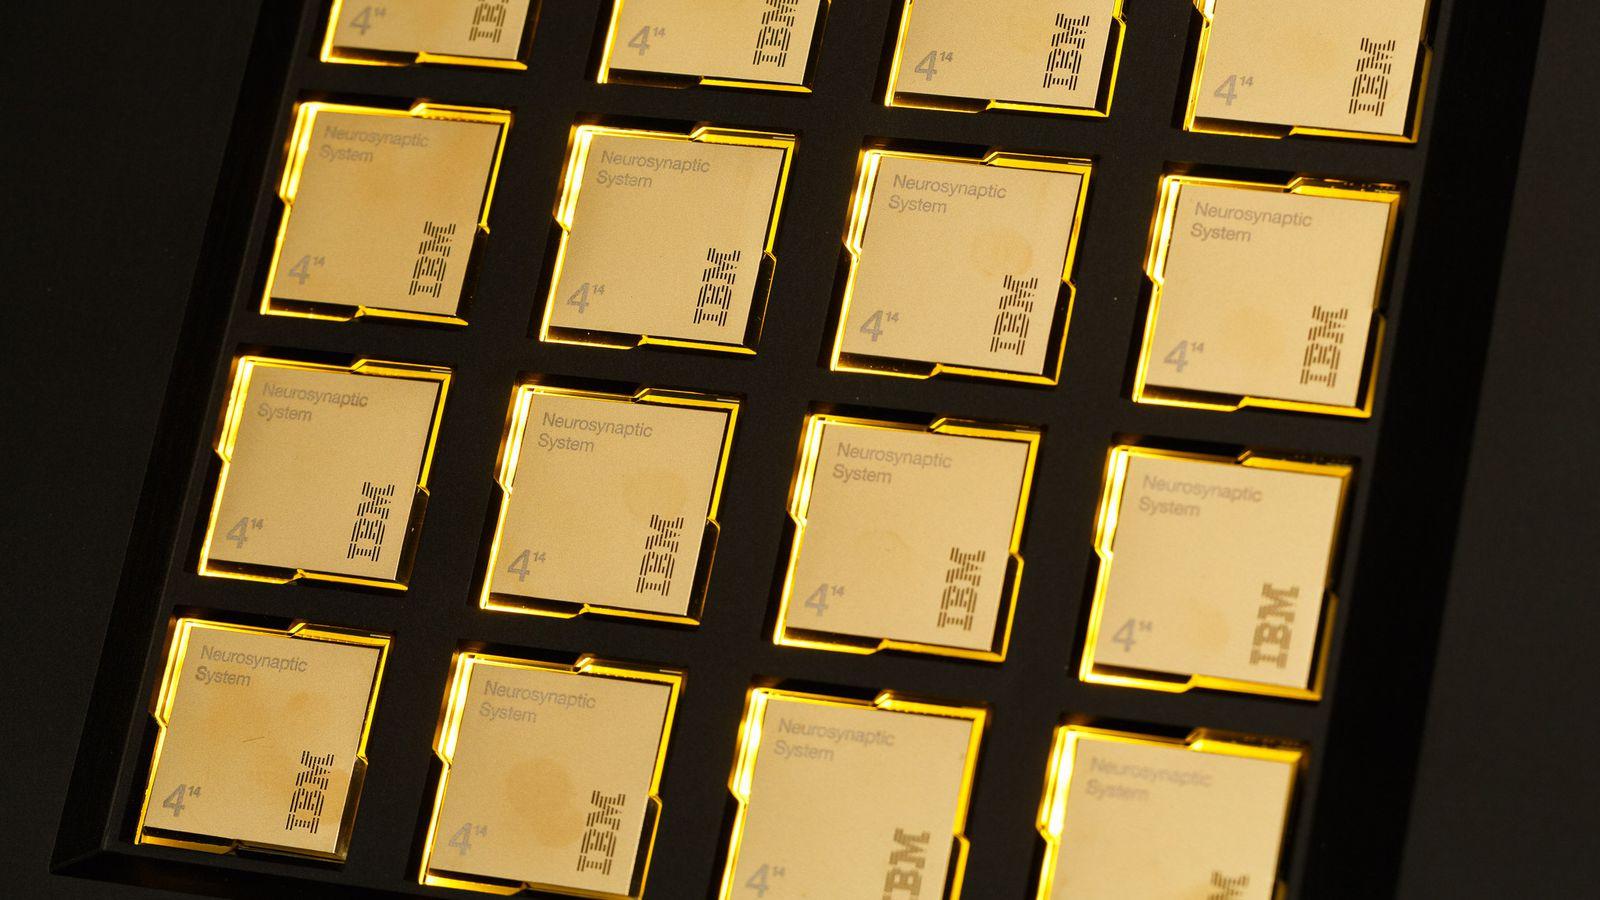 IBM адаптировала сверточную нейронную сеть для работы на нейроморфном чипе